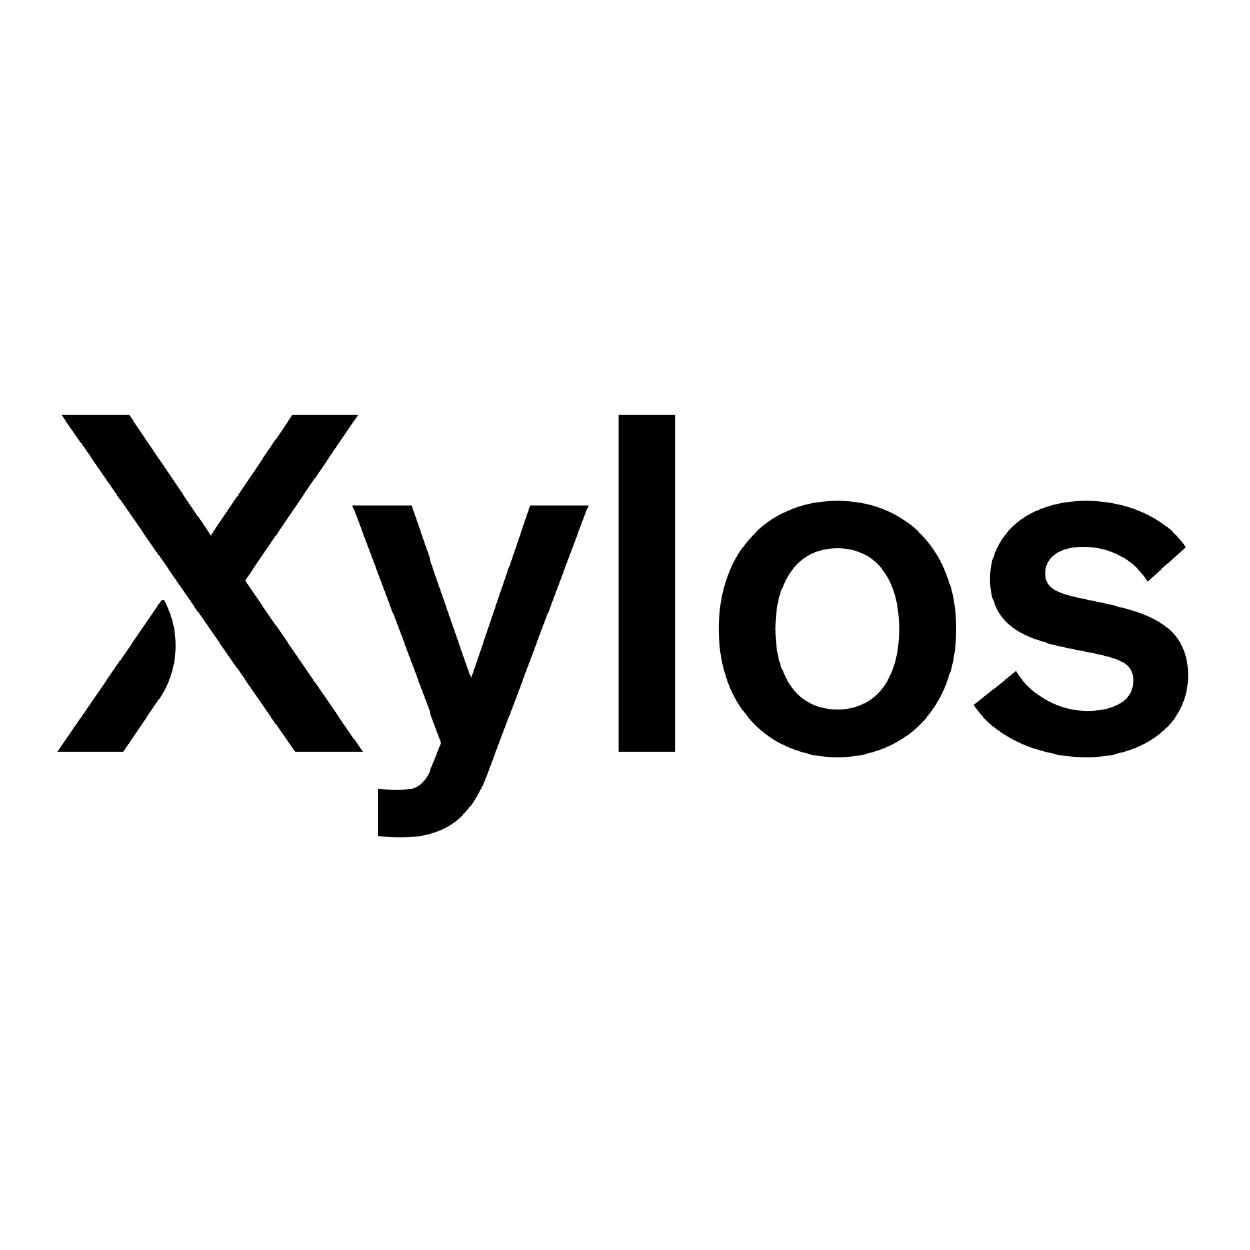 Xylos